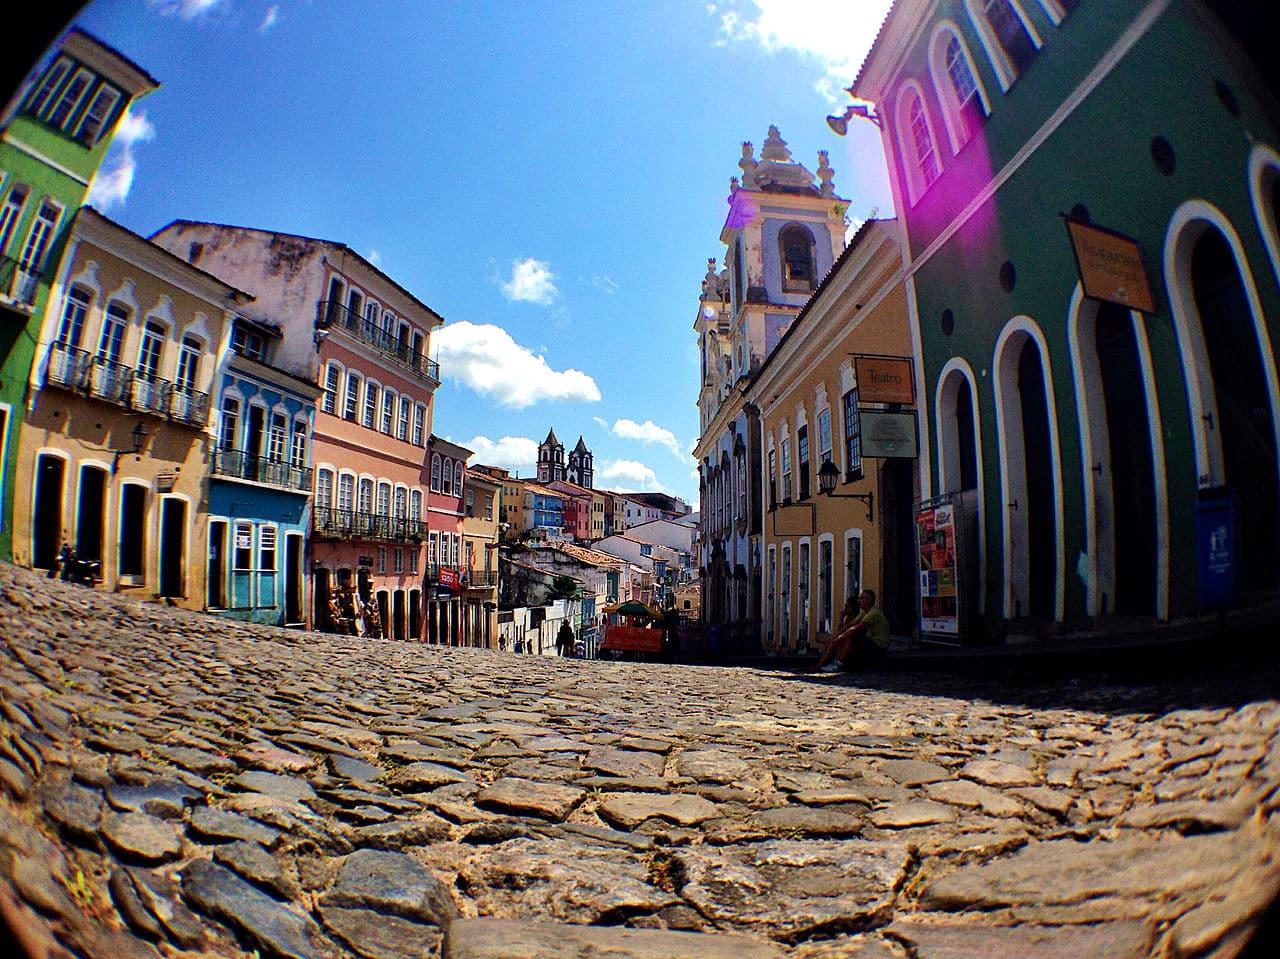 Pontos turísticos de Salvador pelourinho